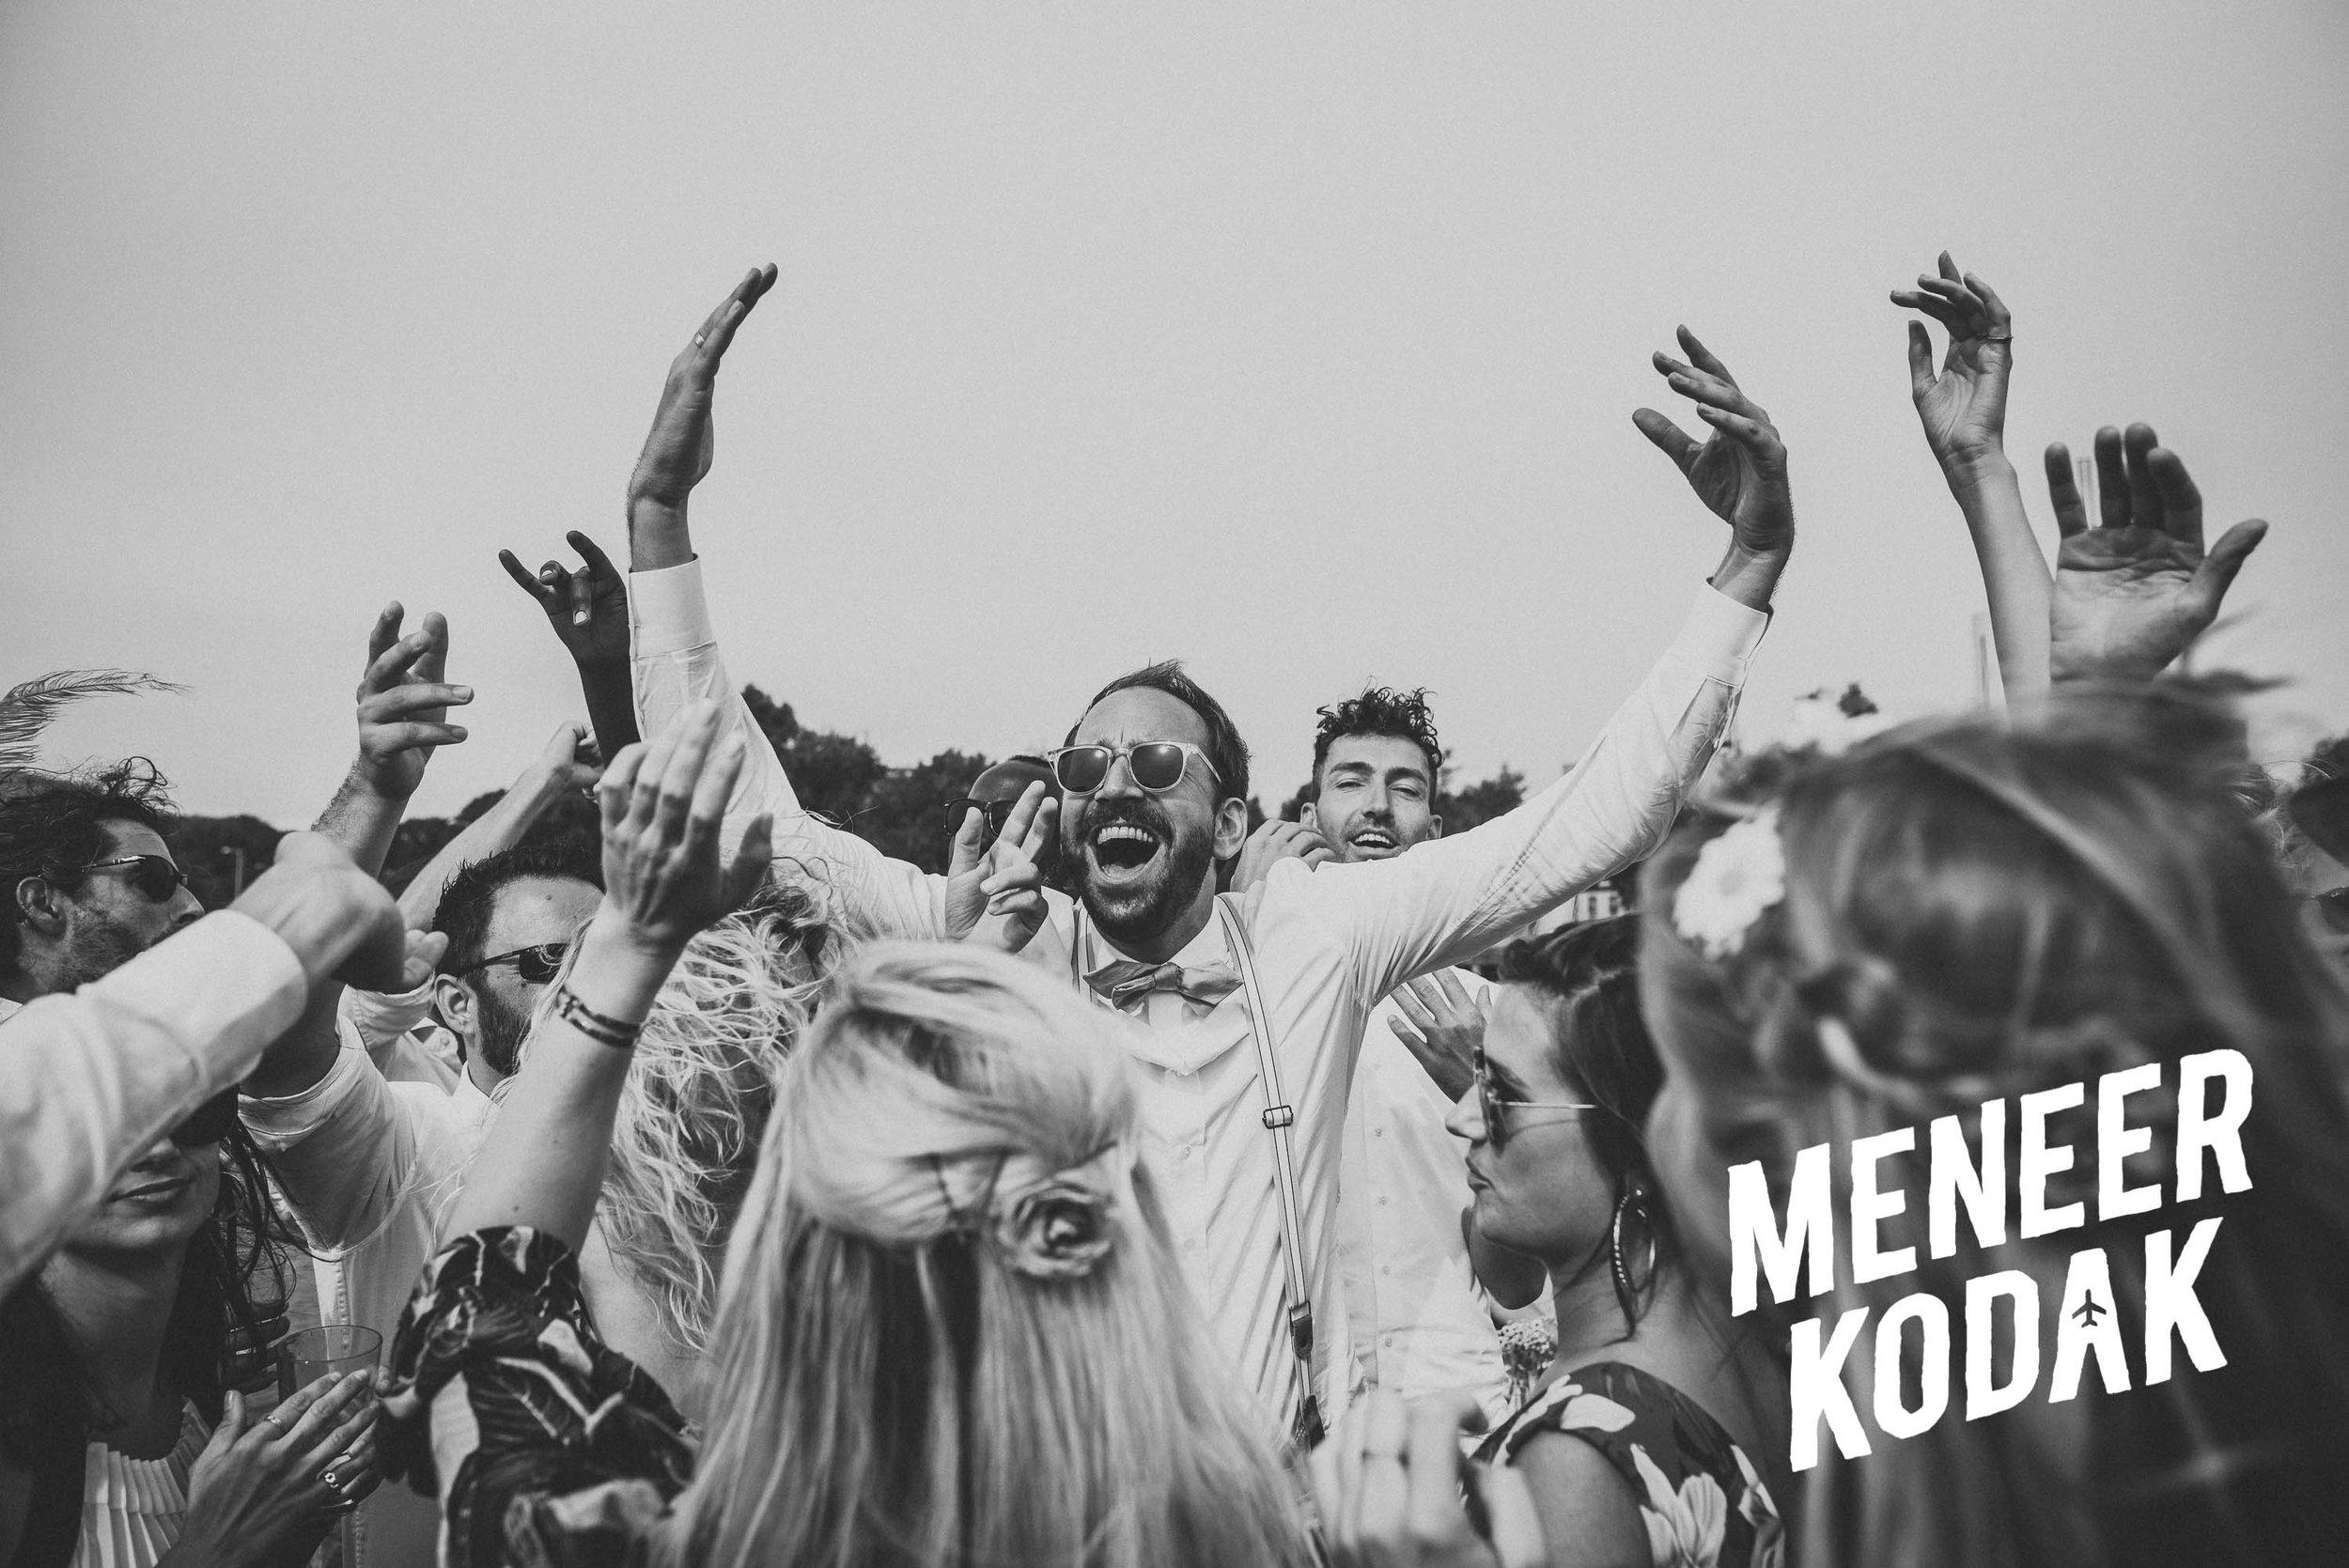 Meneer Kodak - Trouwfotograaf - Amsterdam - H&T-092.jpg